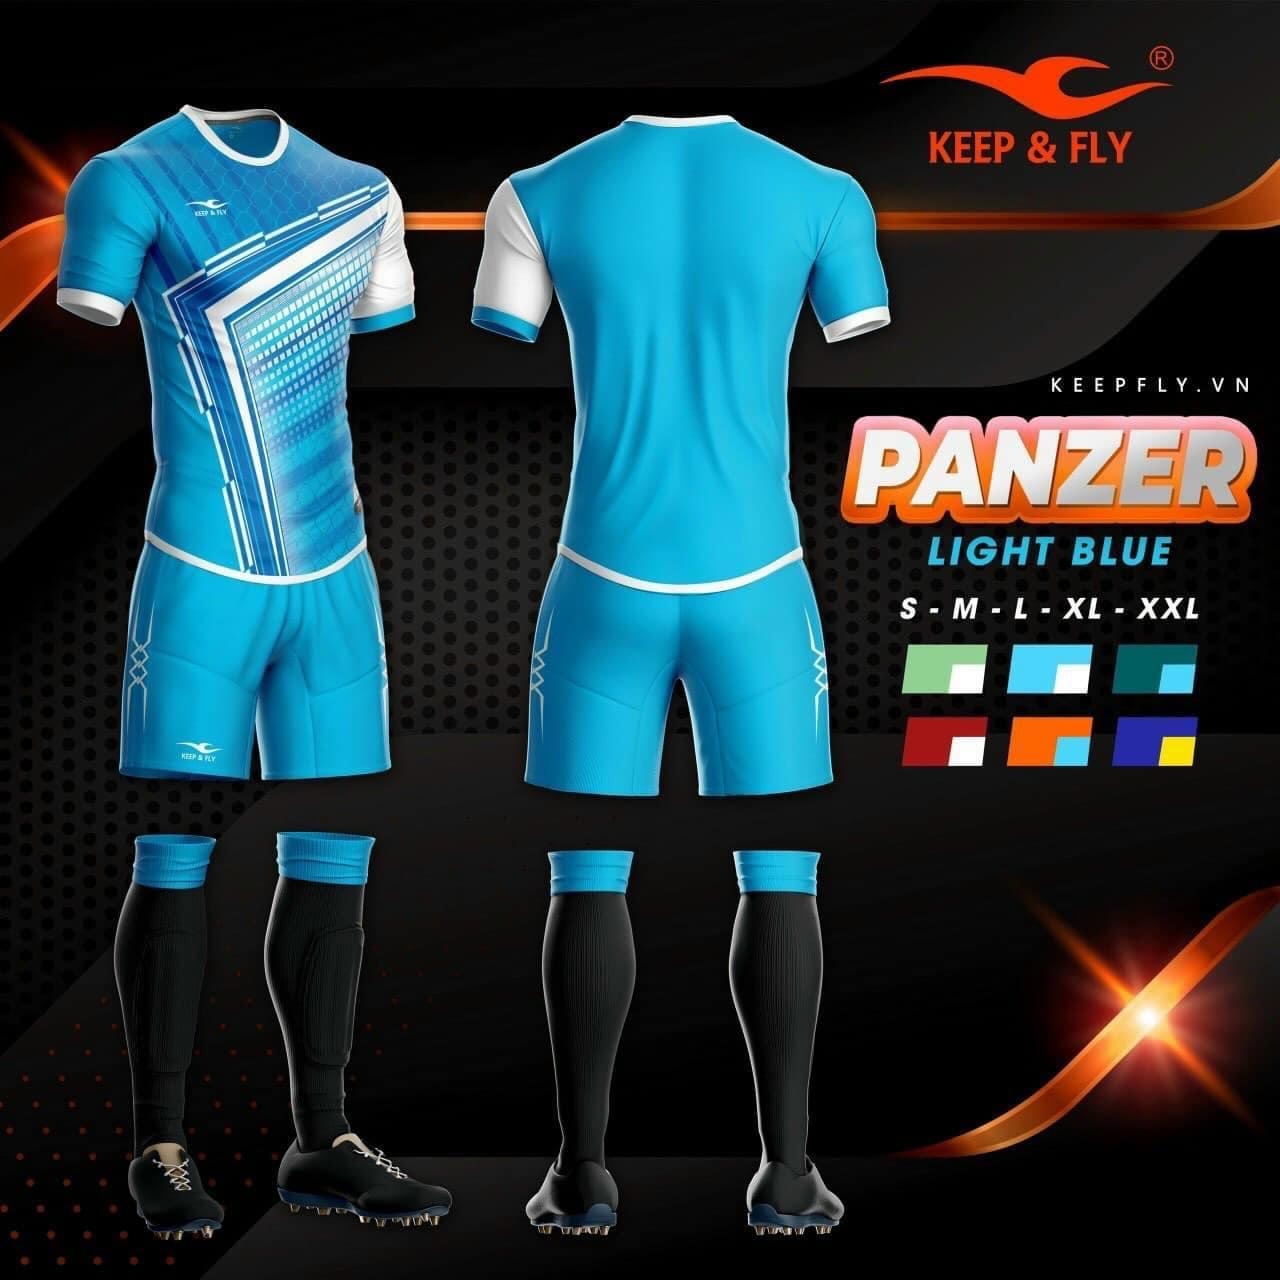 Quần áo bóng đá KEEP & FLY PANZER